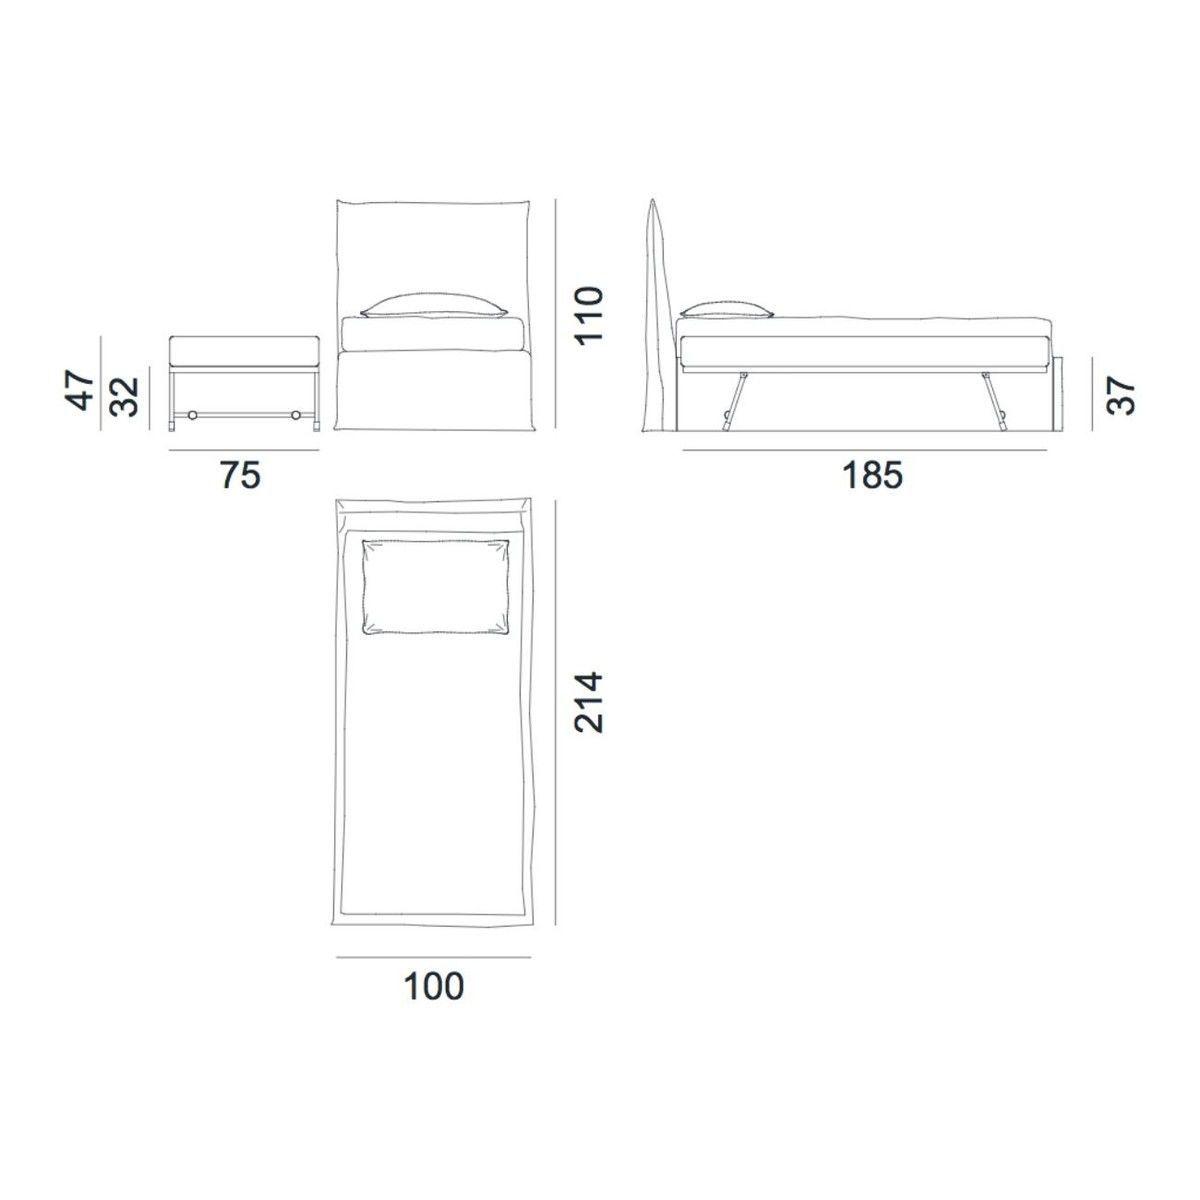 Bett strichzeichnung  Ghost 82.S Bett mit ausziehbarem Zweitbett | Gervasoni ...